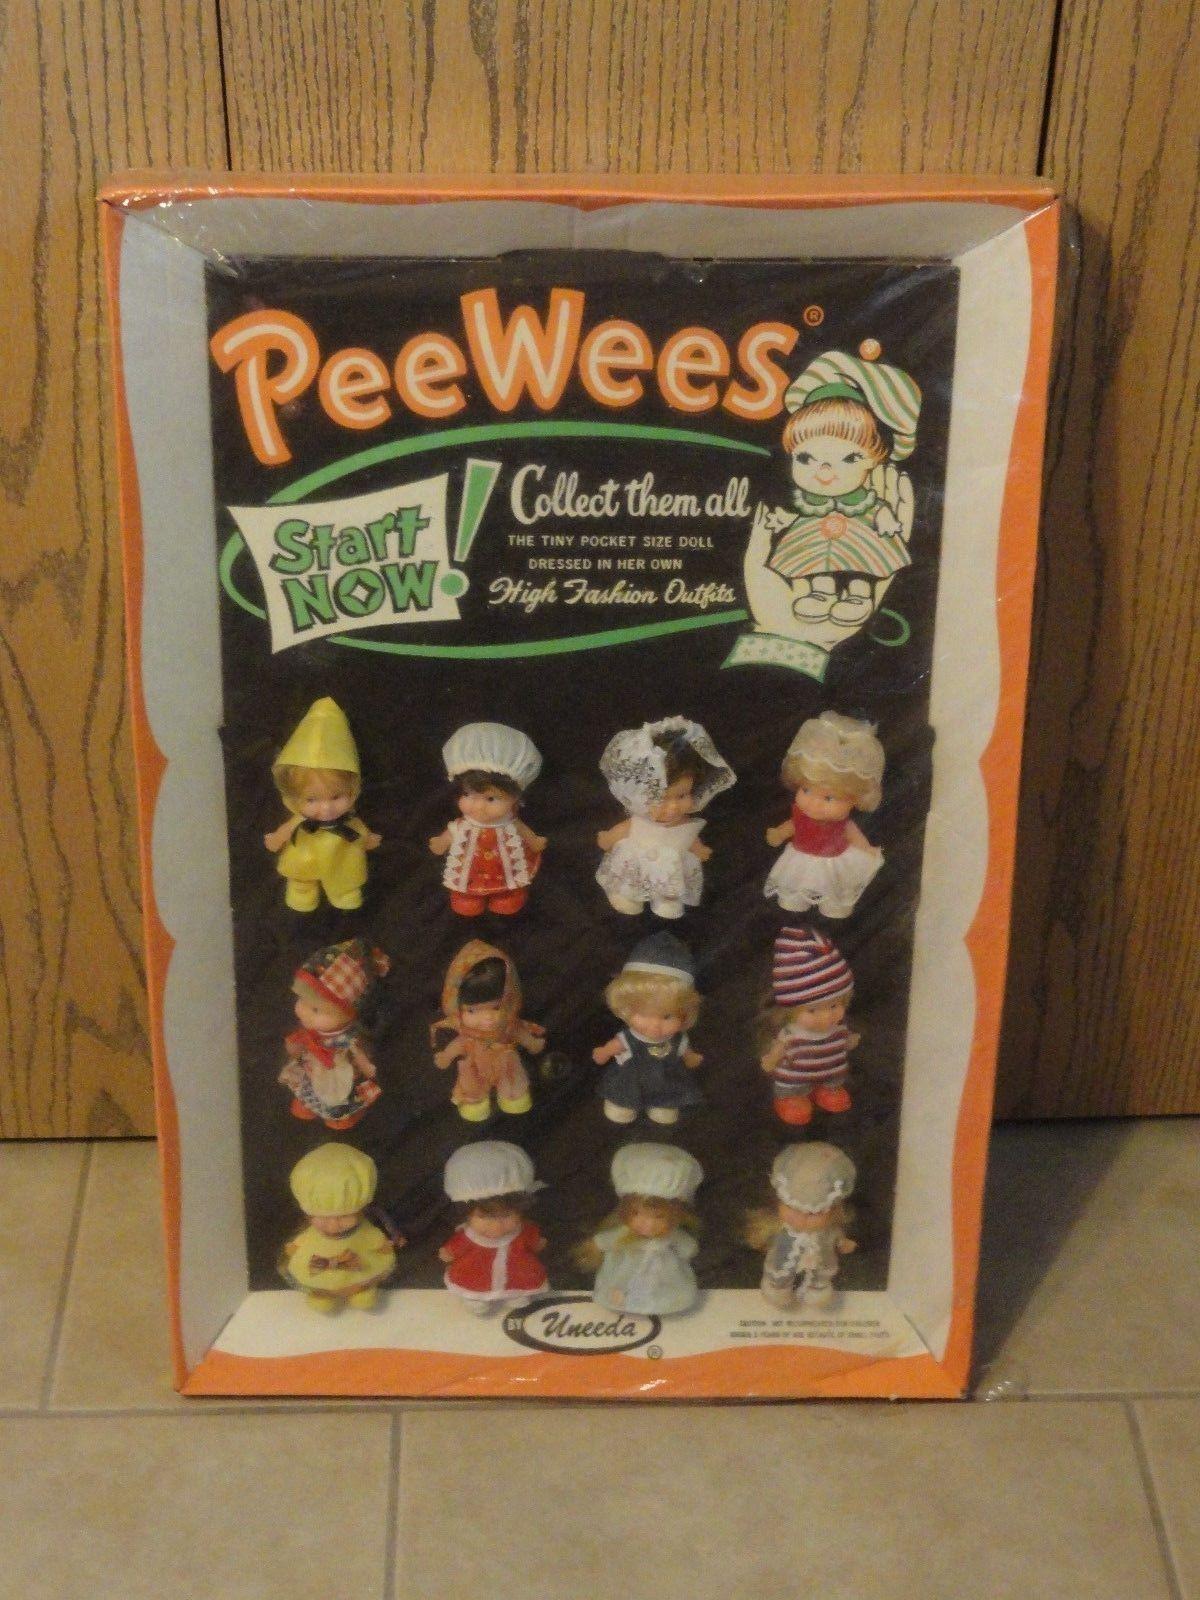 Vintage Pee Wee Uneeda Store Display 12 Dolls Lot 1965